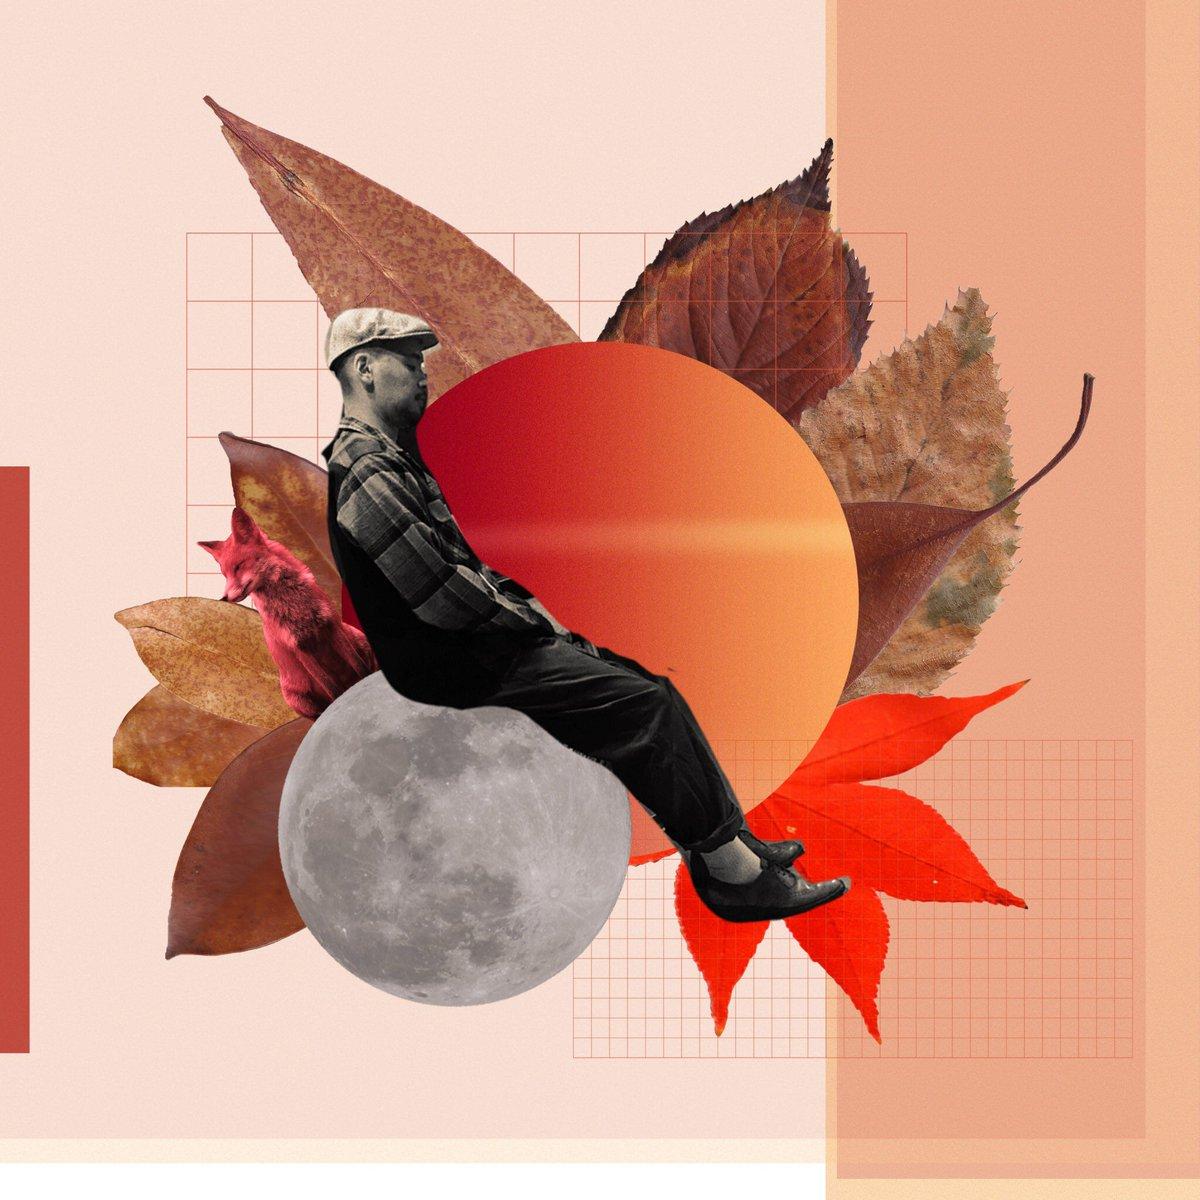 本日配信  SWING-B 秋思  -EP  1.こもれび  (prod.SIBA)   2.Autumn Leaves (prod.SIBA)  https://t.co/WSlaIpdxuQ Proof  (prod.HISANOVA)  4.休息 feat.NELGIVESON (prod.HISANOVA)  Recorded&Mixed by. dwells  Mastered by. SHIOTA HIROSHI  Artwork by. TAKAHIRO TAMURA  https://t.co/uiw7RkhPDq https://t.co/s0NugsMoex